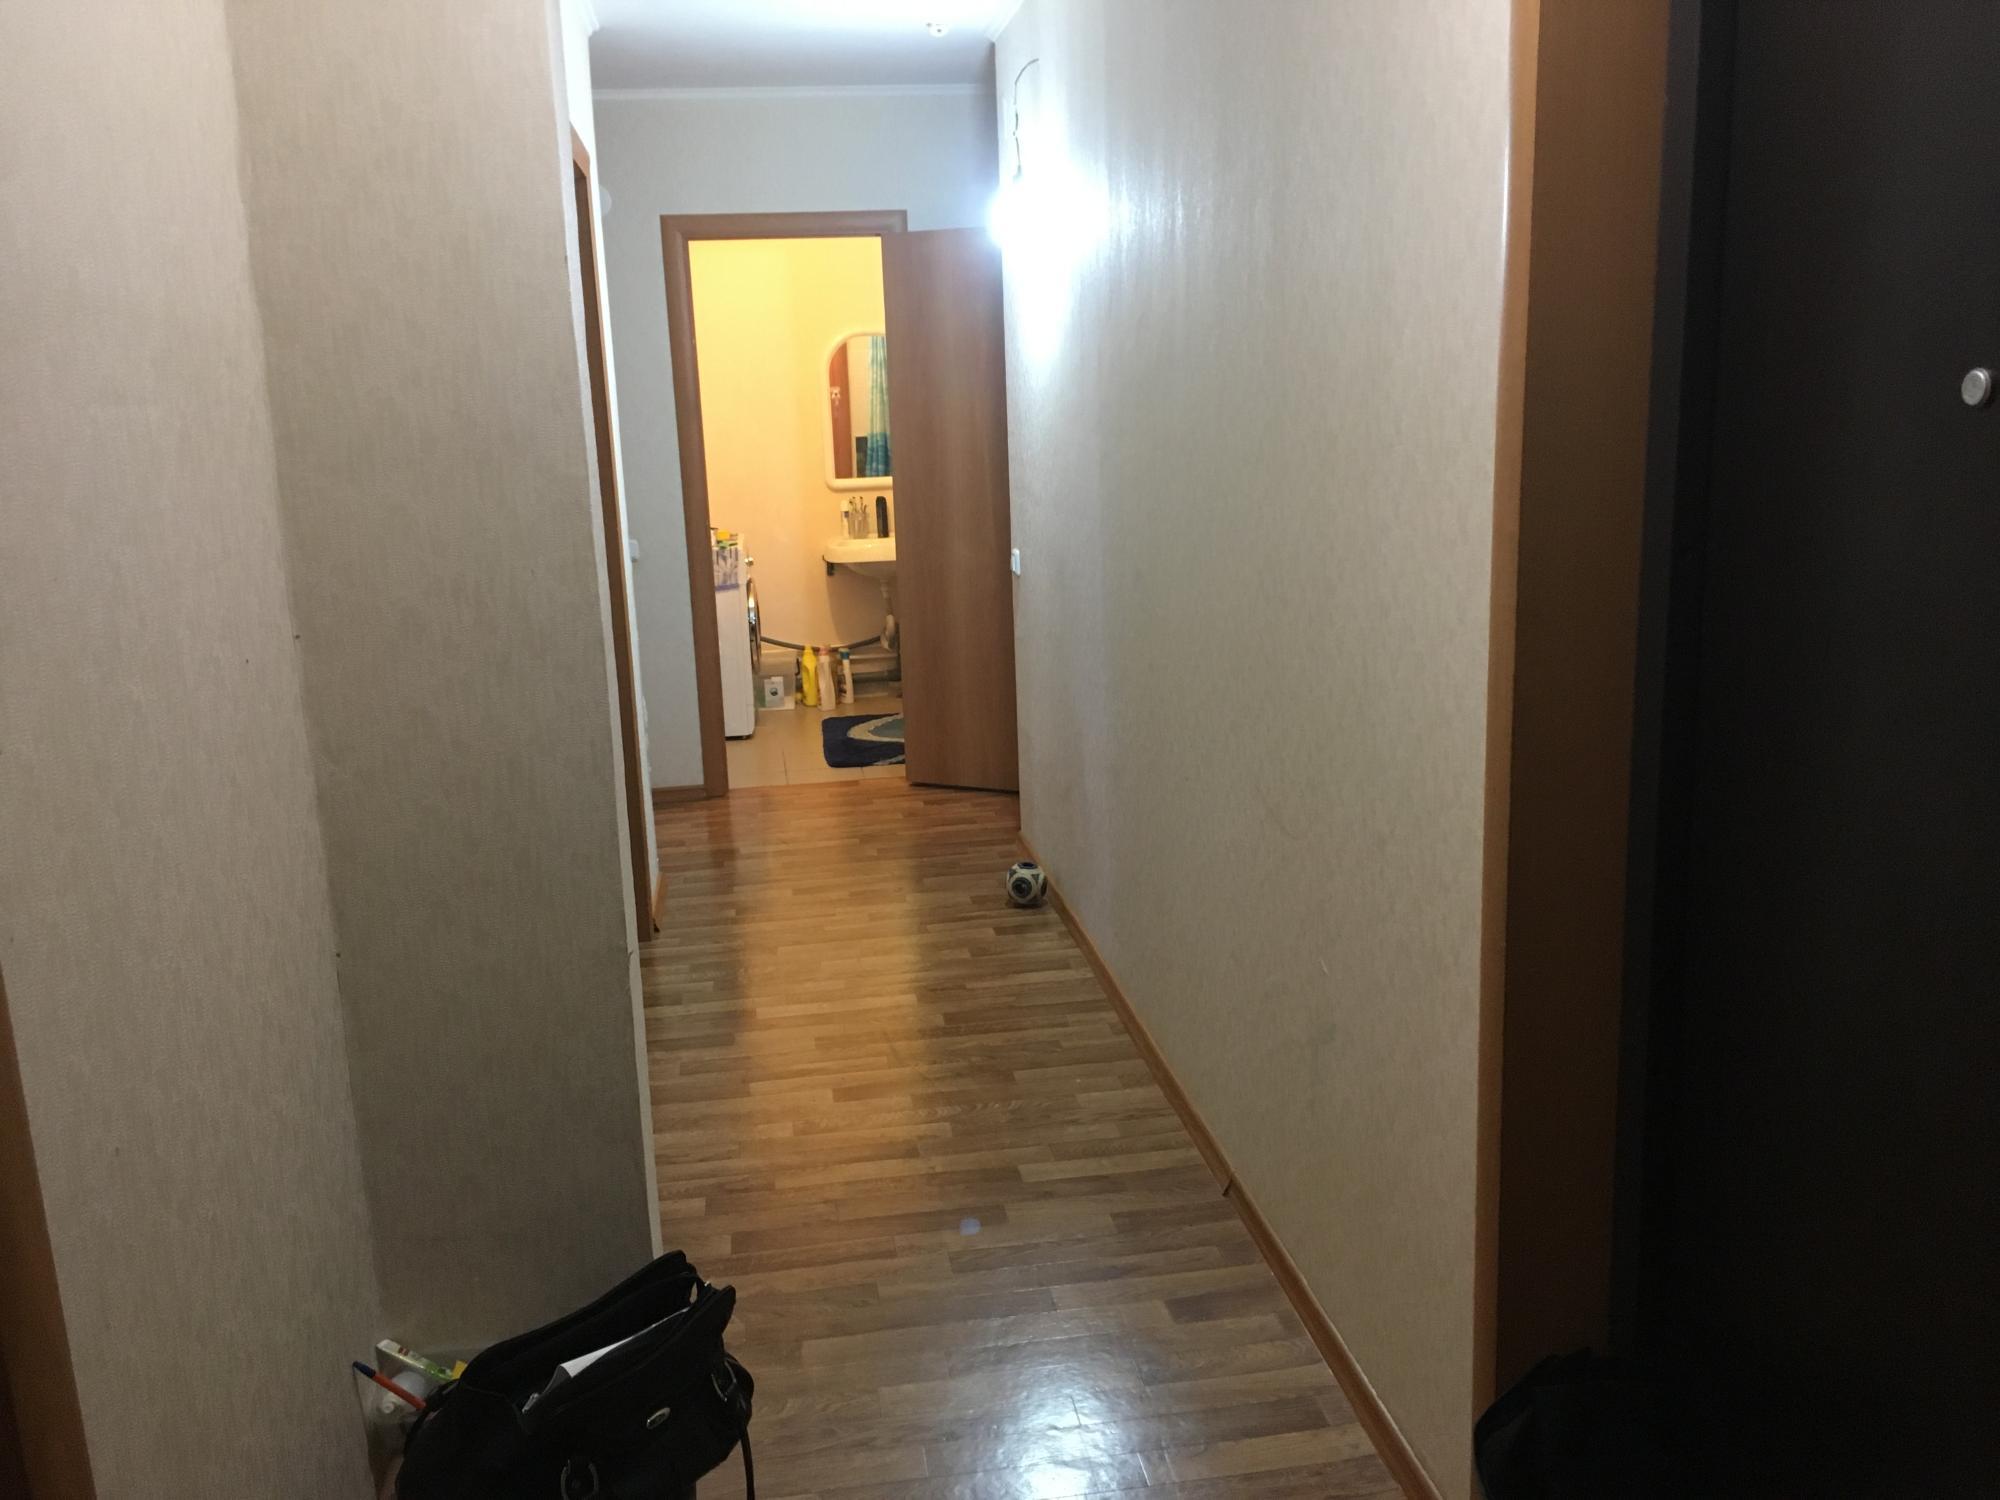 Аренда 2-комнатной квартиры, г. Тольятти, Александра Кудашева улица  дом 106